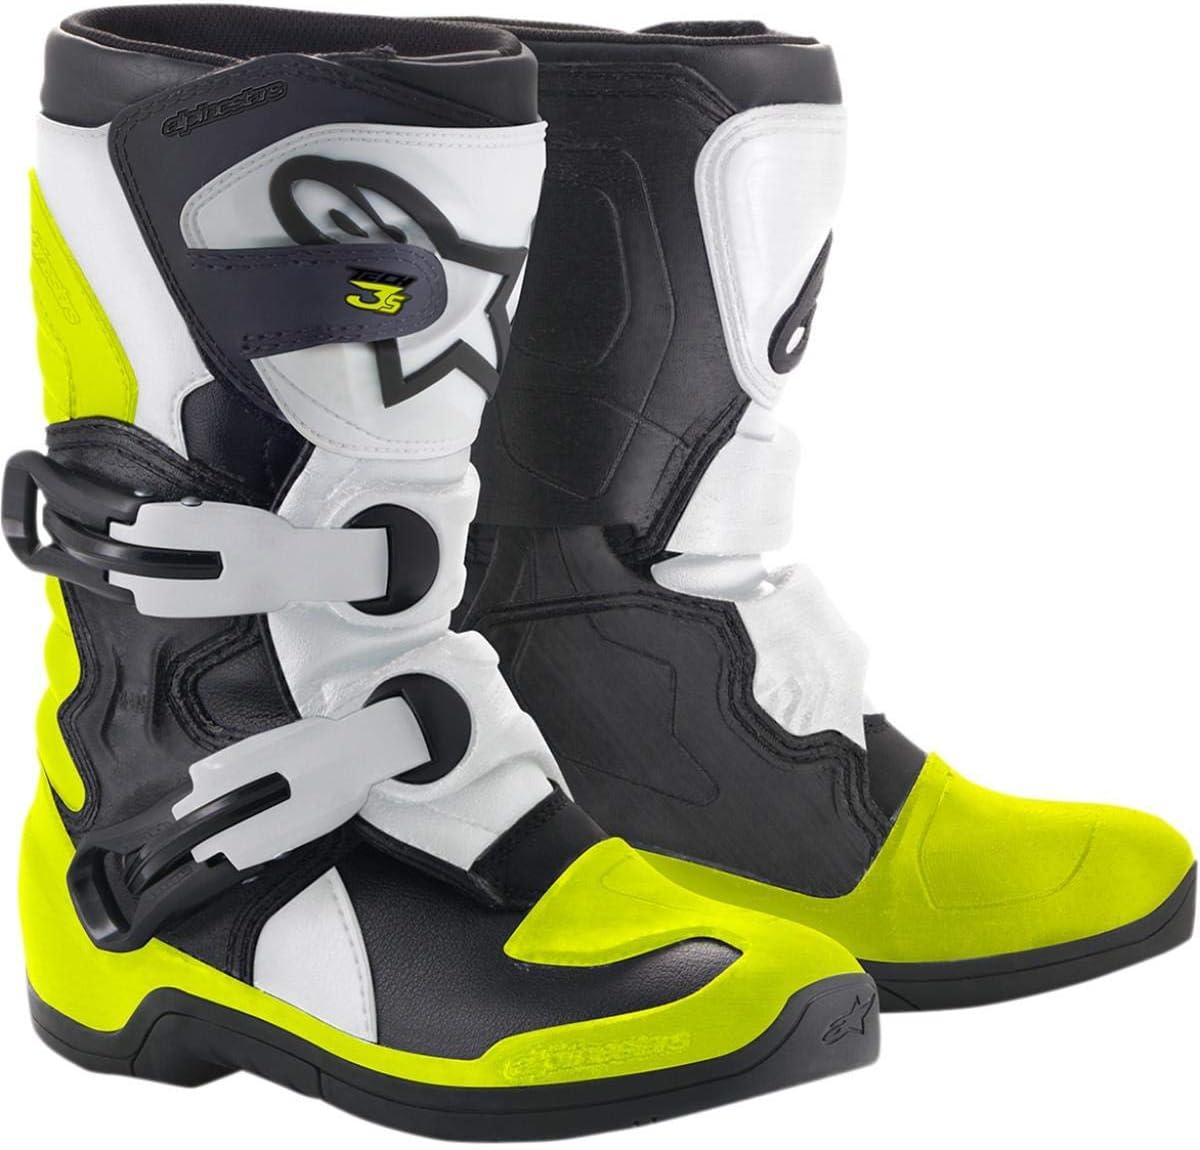 Eu 35.5 // Us 3, Noir Alpinestars Bottes Motocross Enfant Tech 3S Noir Blanc Rouge Fluorescent